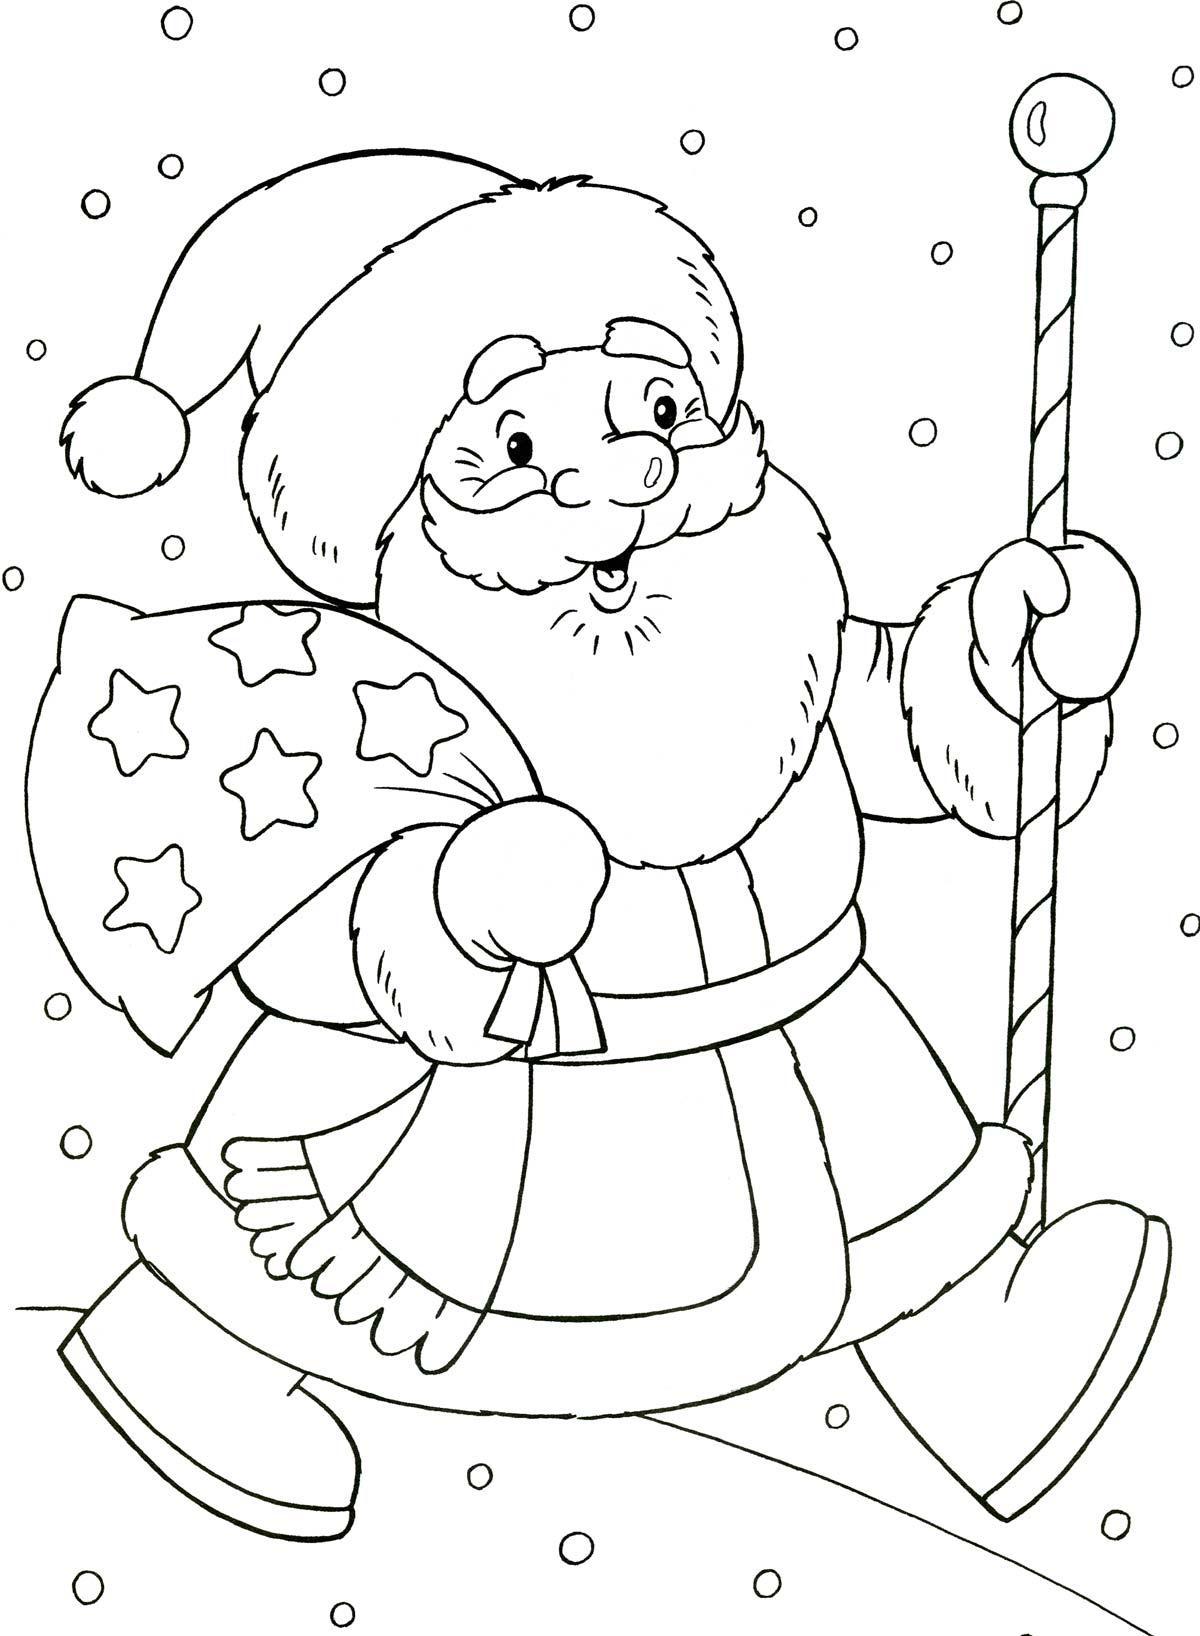 Дед Мороз раскраска для детей 5 лет